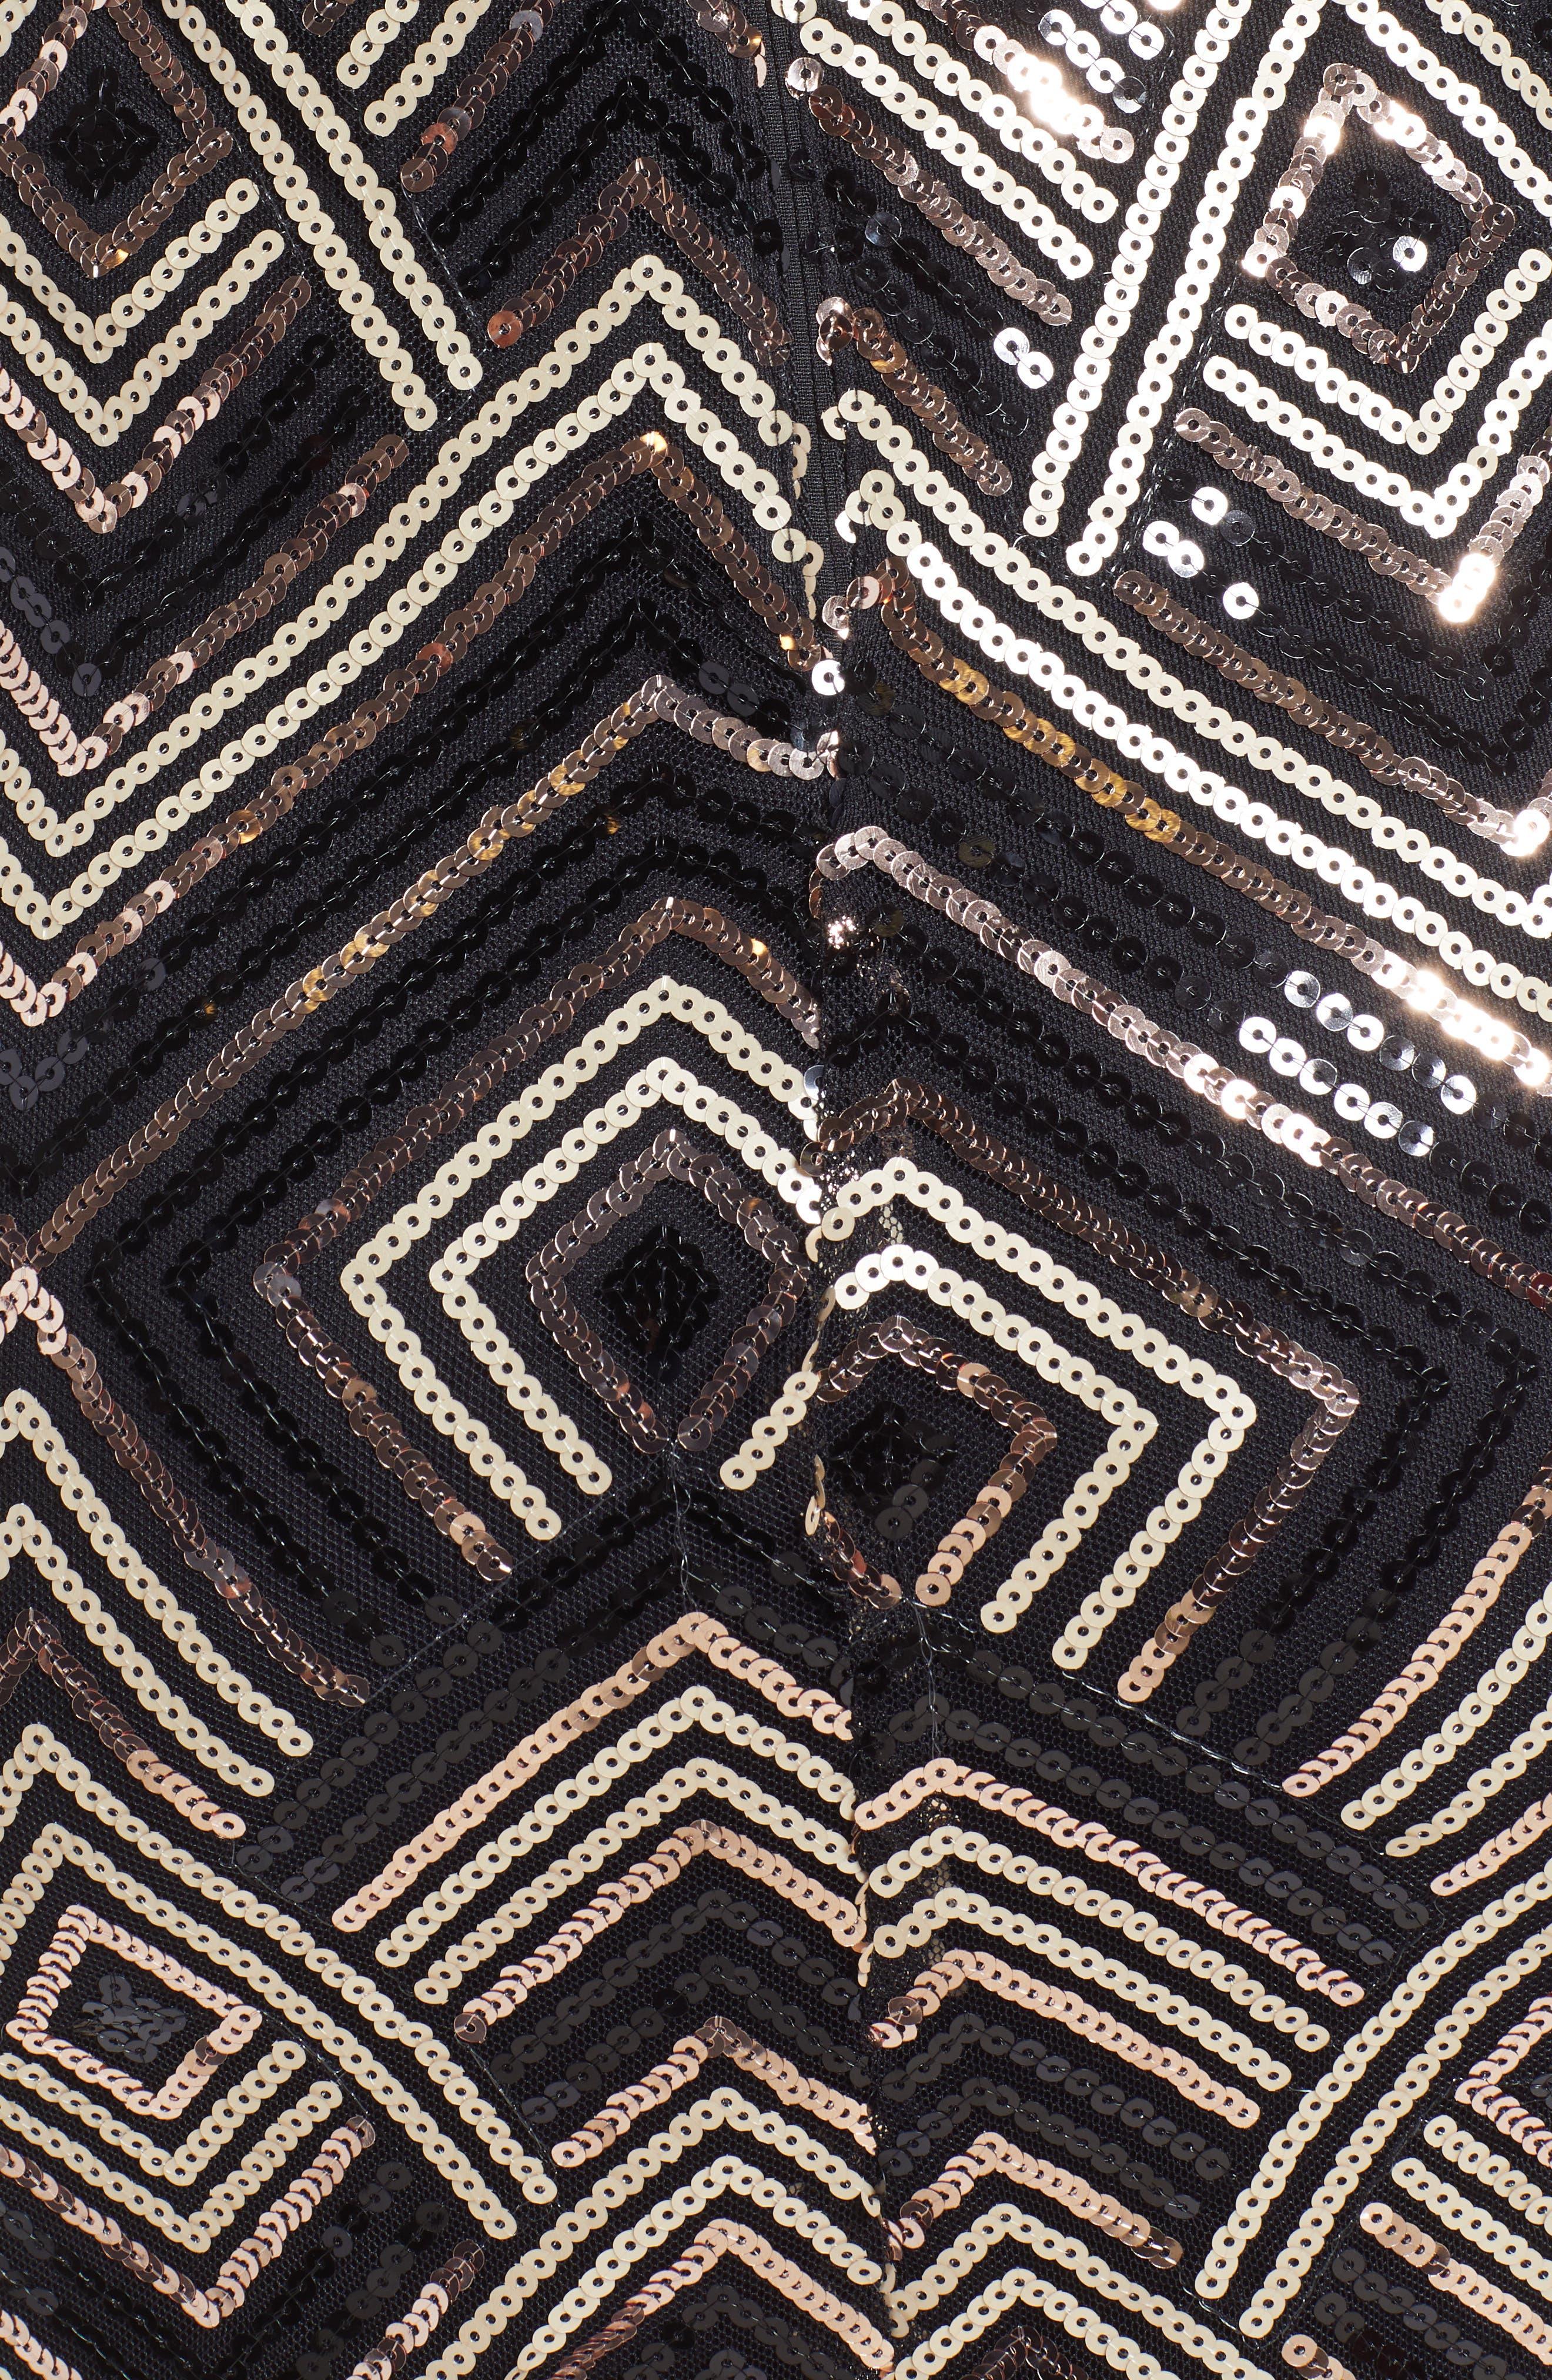 Sequin Cutout Minidress,                             Alternate thumbnail 6, color,                             BLACK SEQUINS